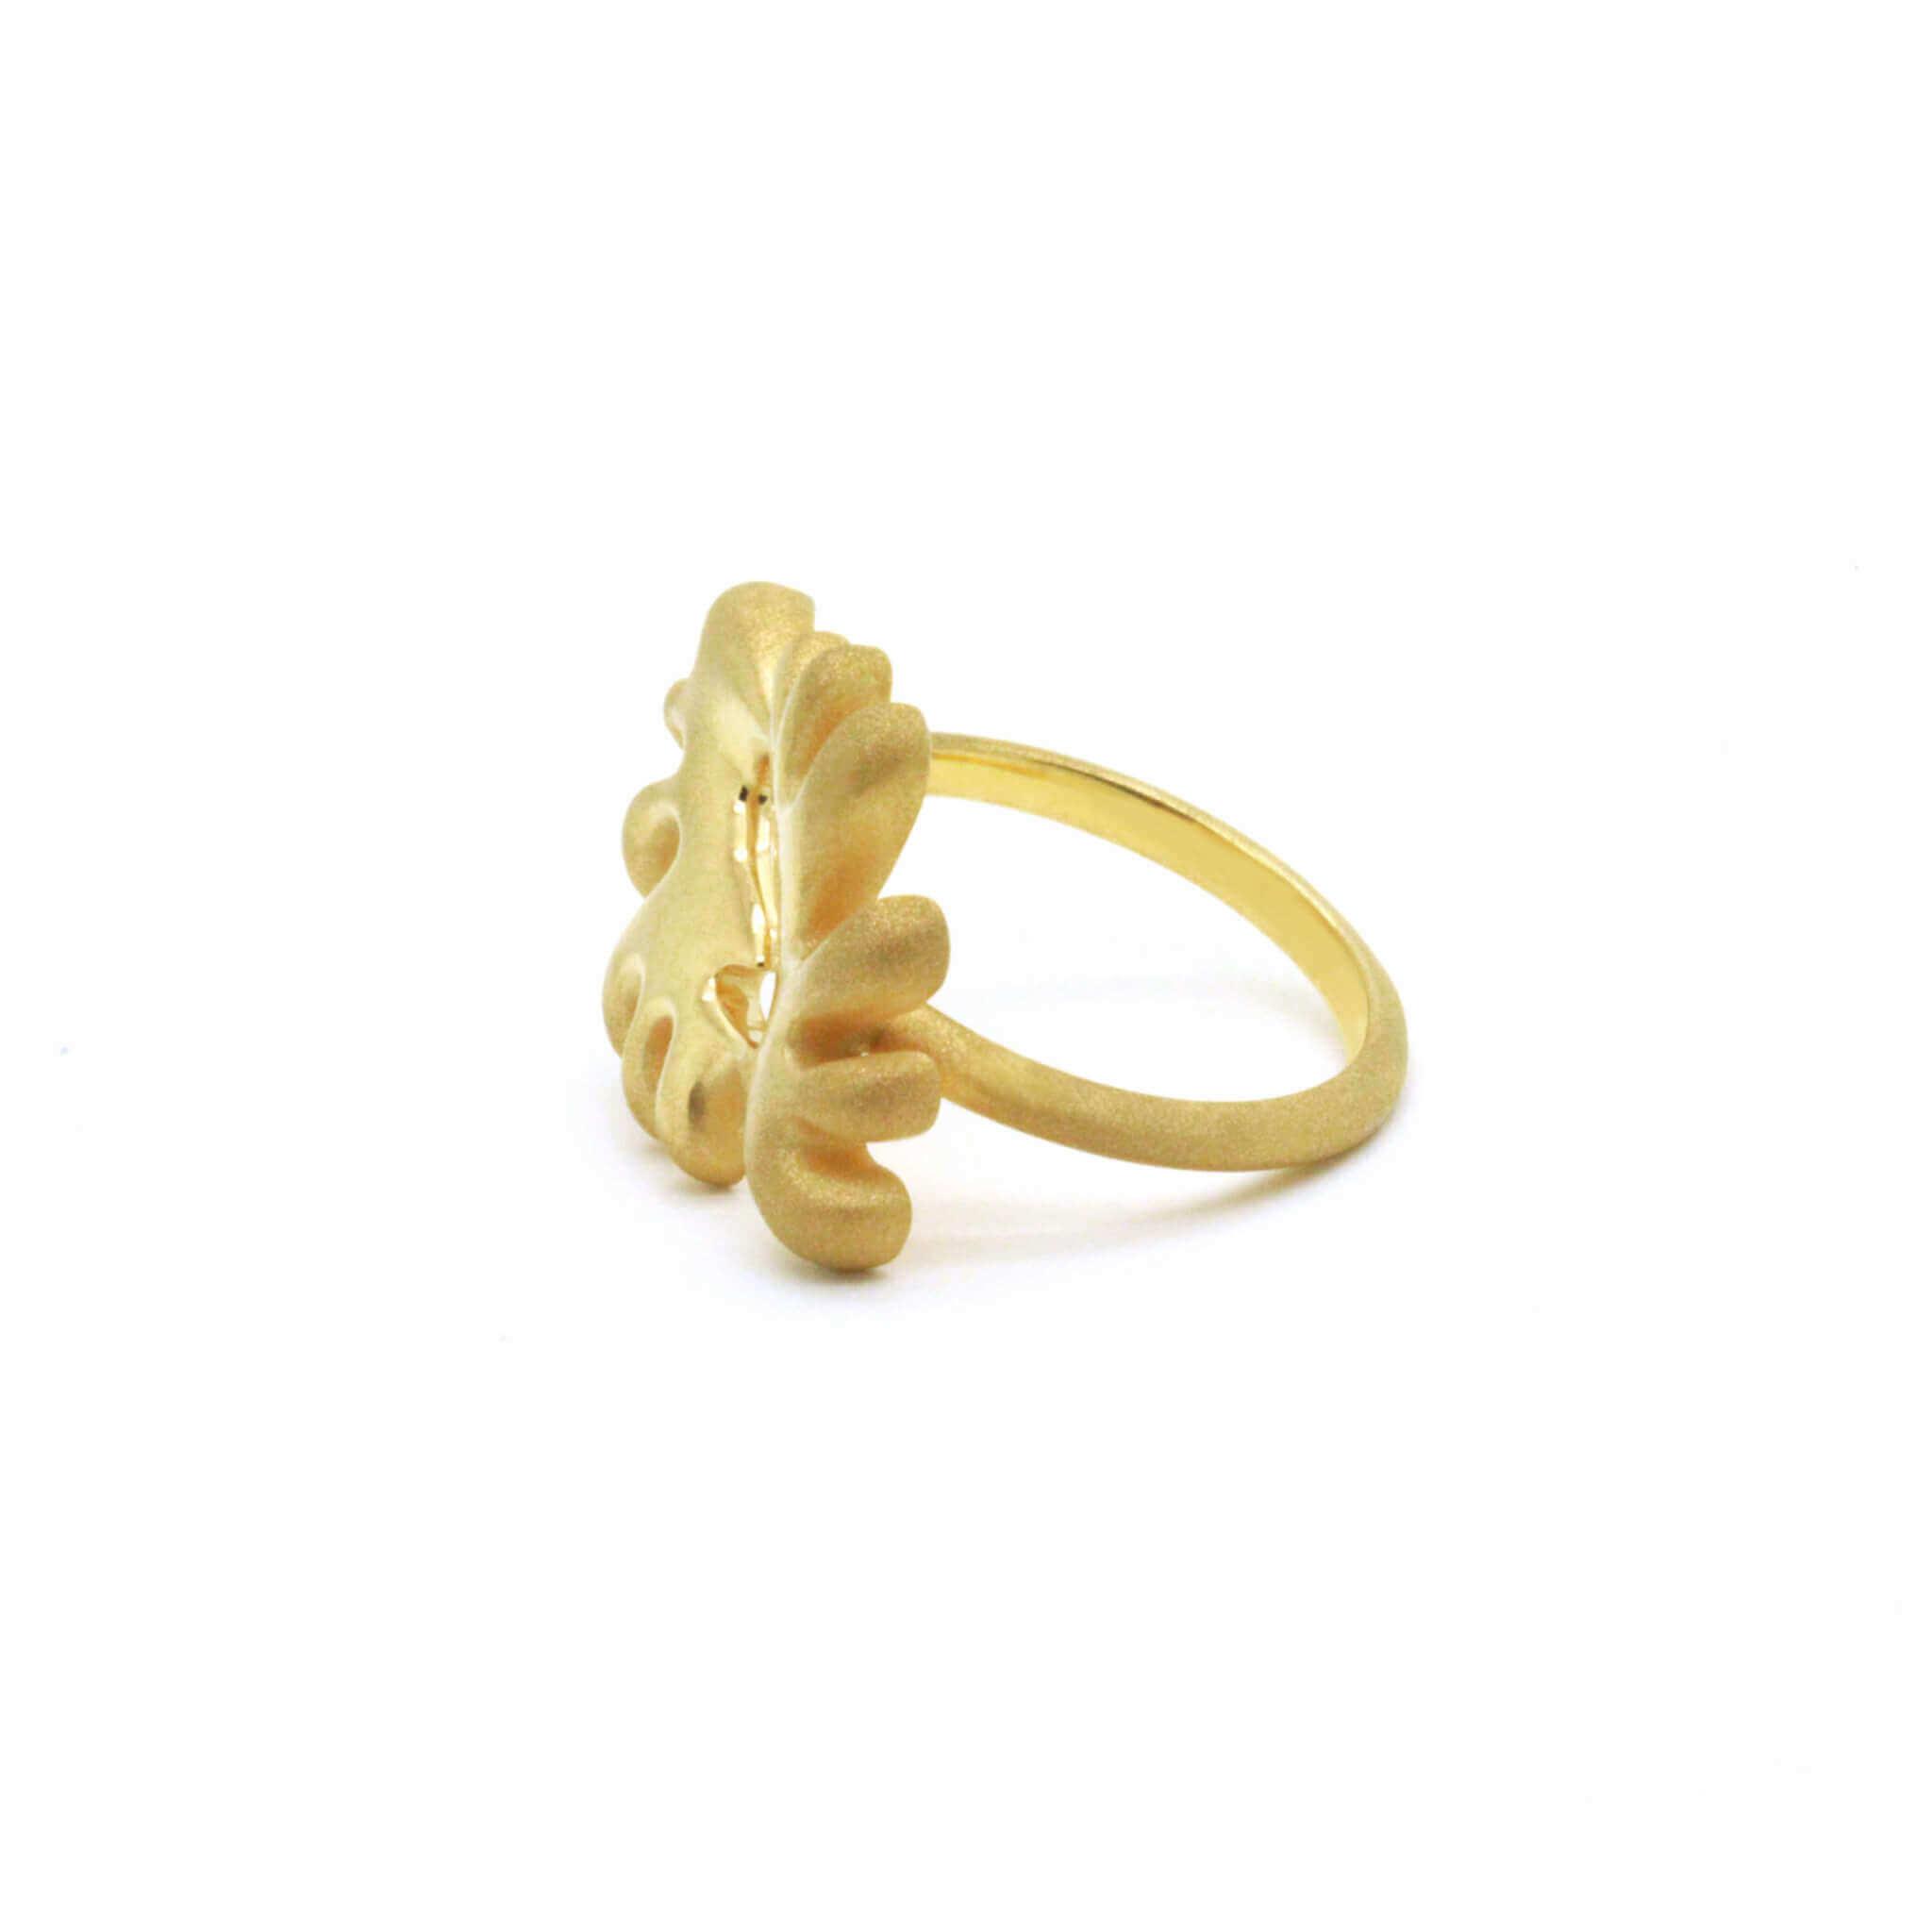 Akan bague bracelet collier or